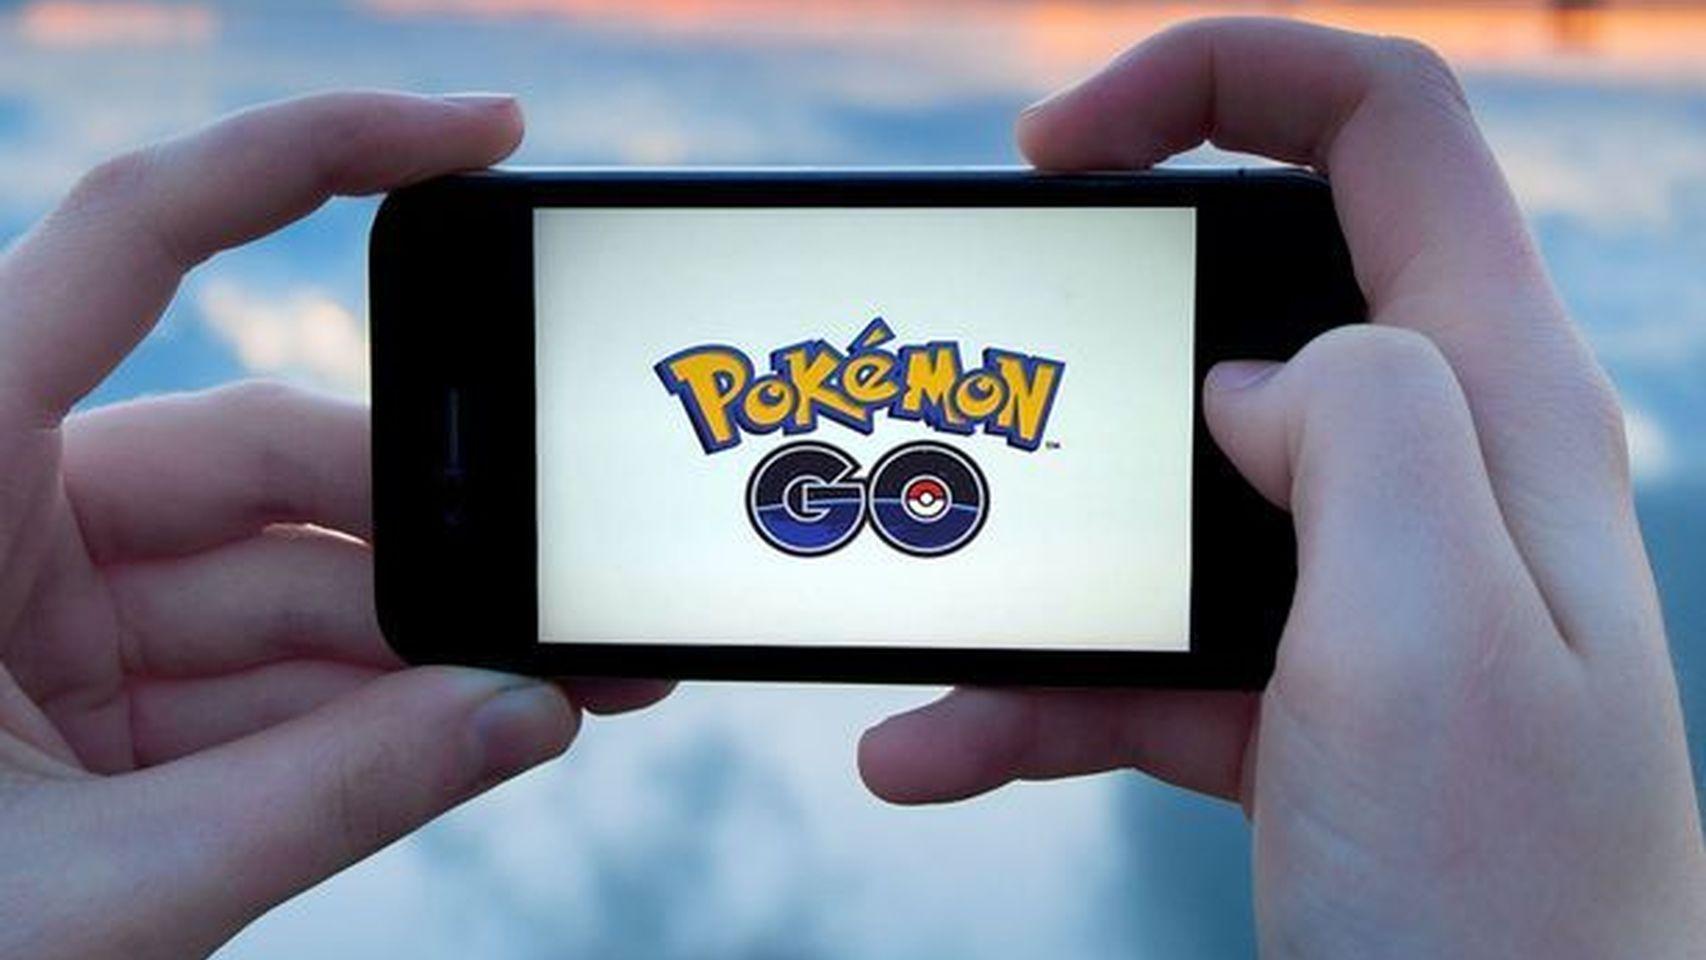 ¿Cómo enterarte antes que nadie si Pokémon Go llegó a la Argentina?